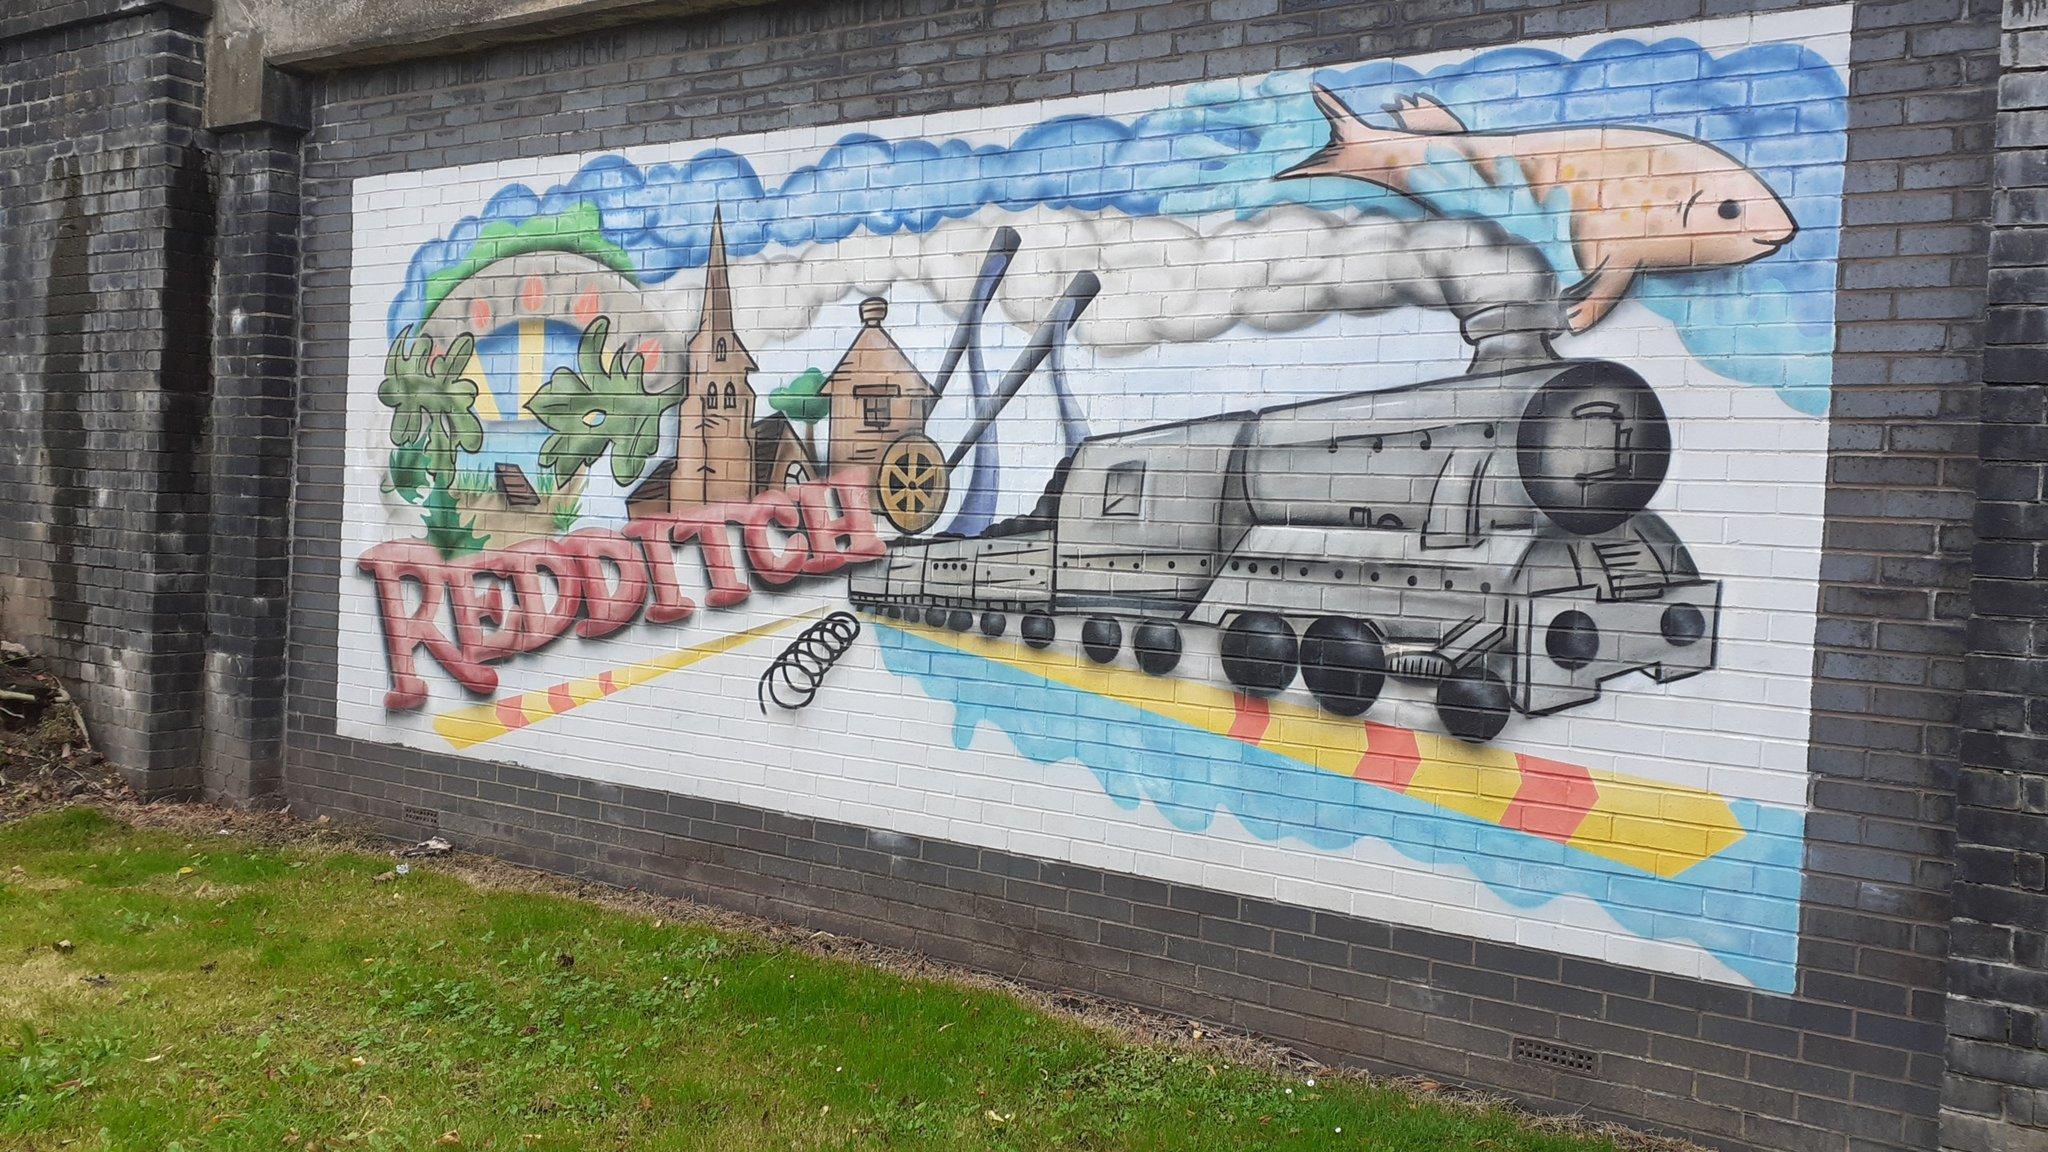 Redditch Train mural